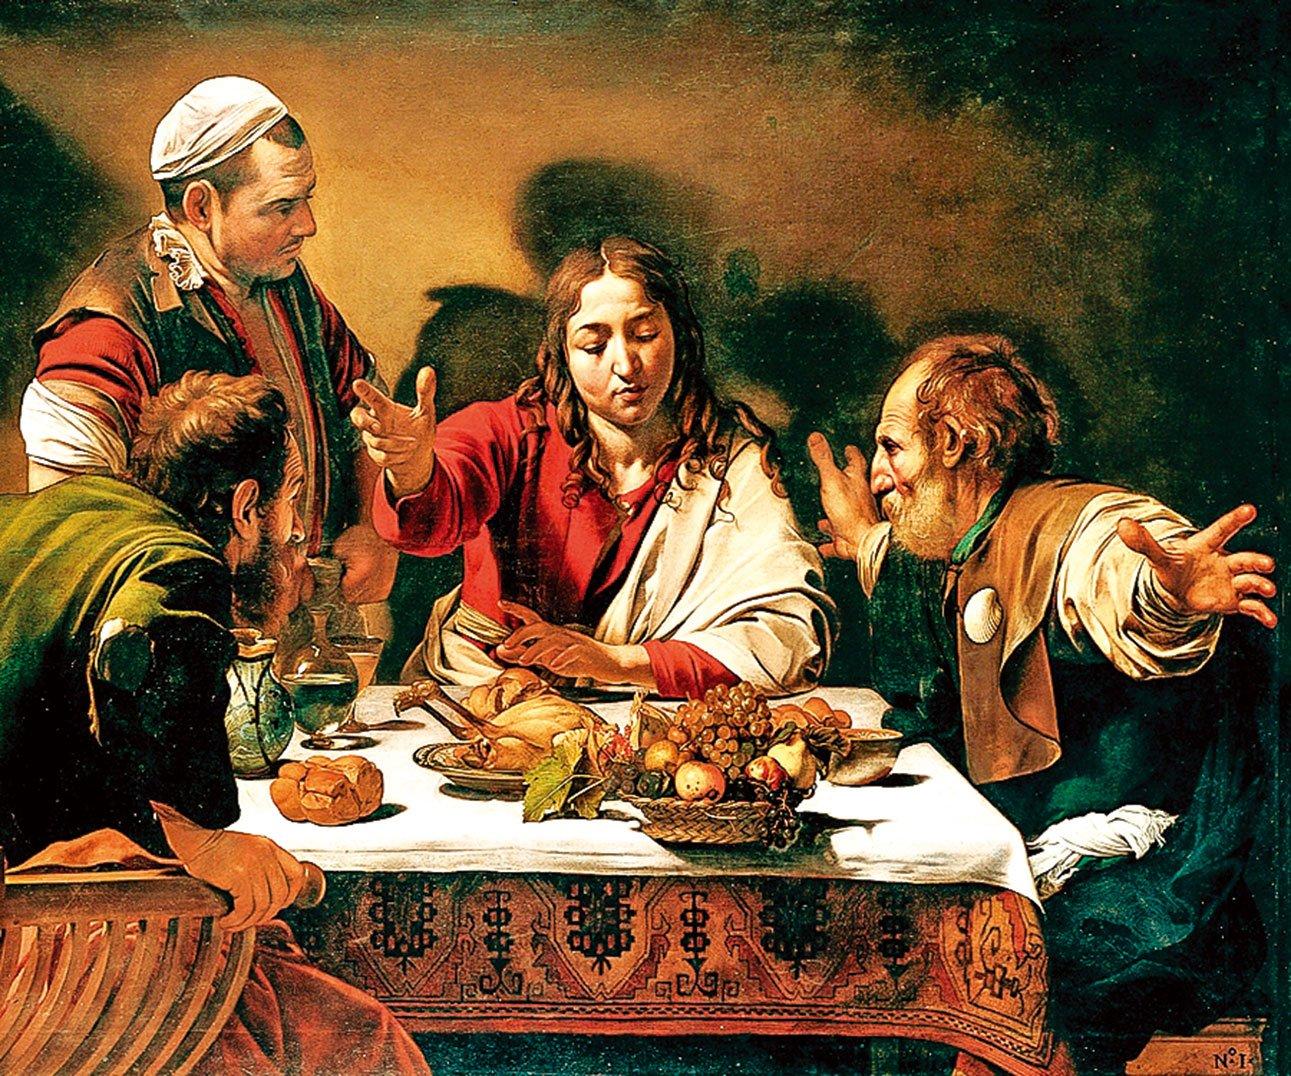 卡拉瓦喬(Caravaggio)1601年作品,《以馬忤斯的晚餐》(Supper at Emmaus),倫敦國家美術館收藏。 卡拉瓦喬將自己畫在左上角。(公有領域)